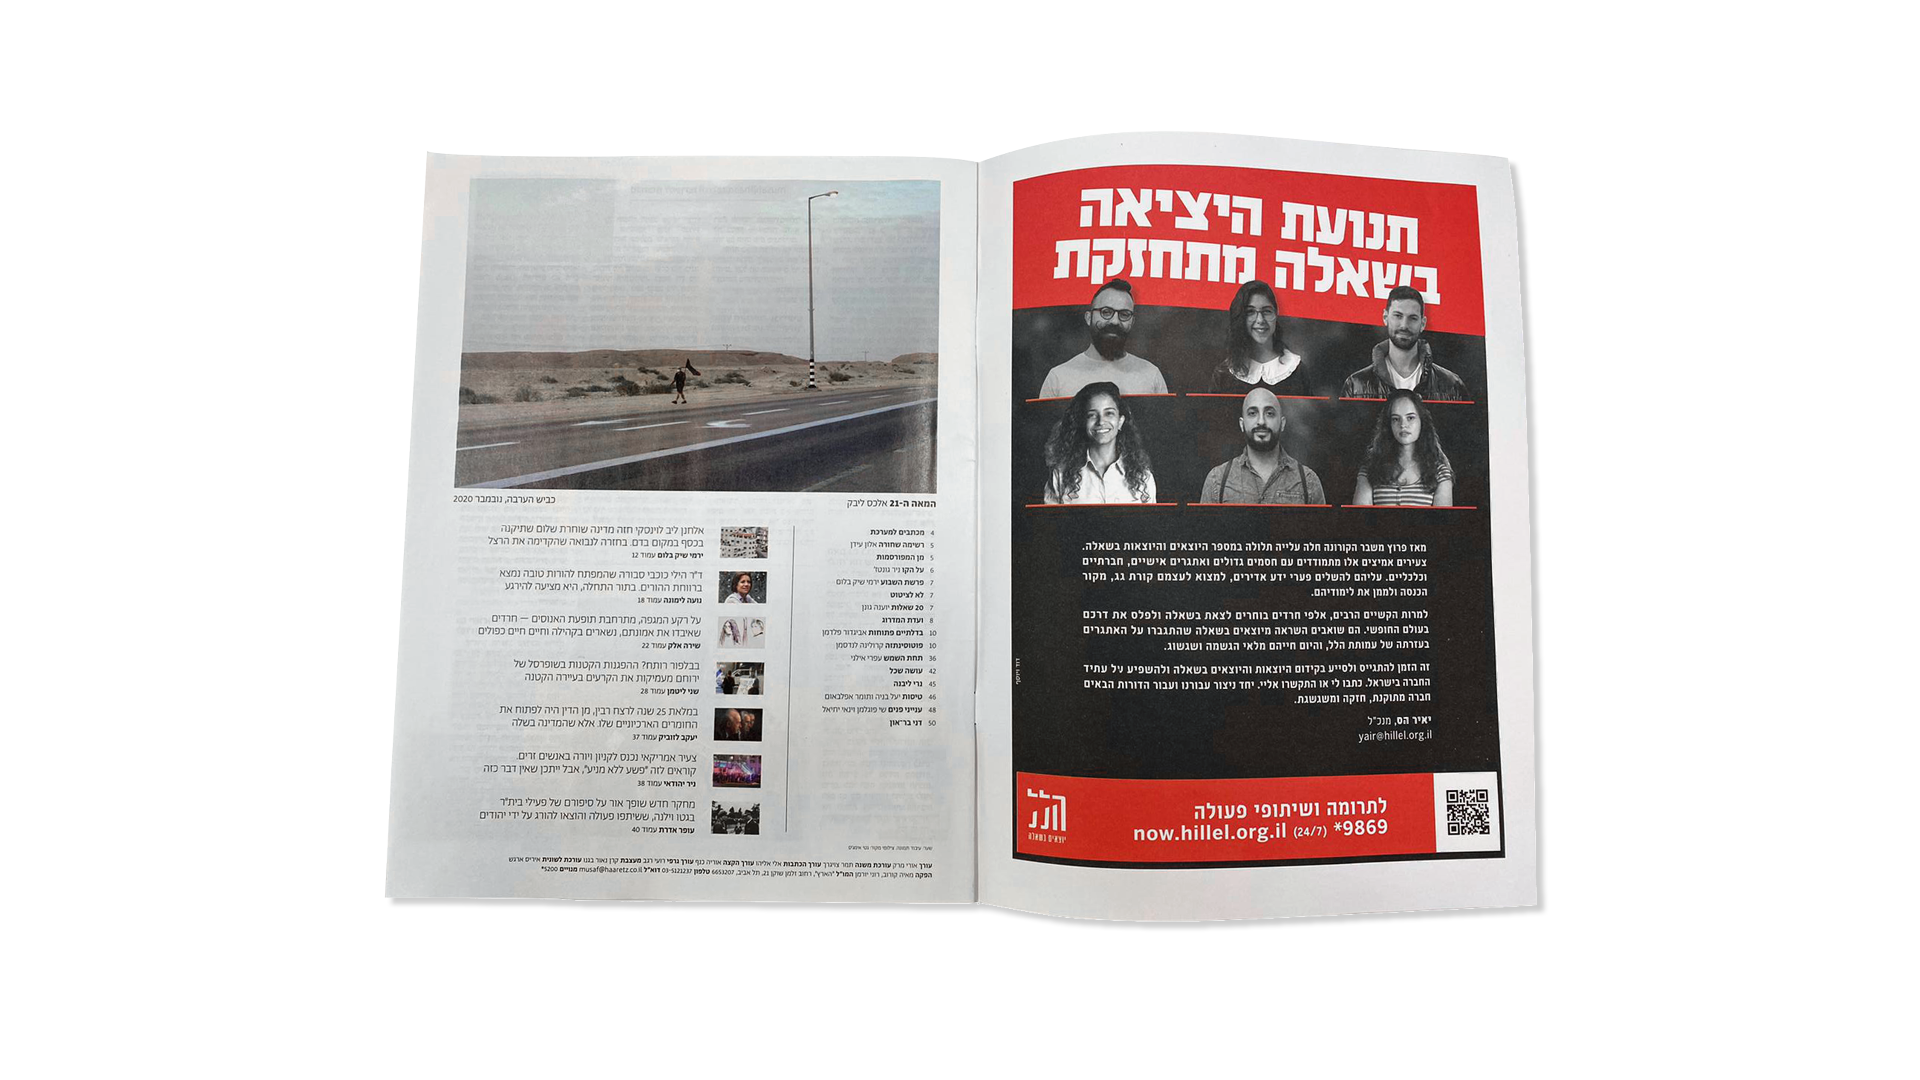 Hillel campaign newspaper